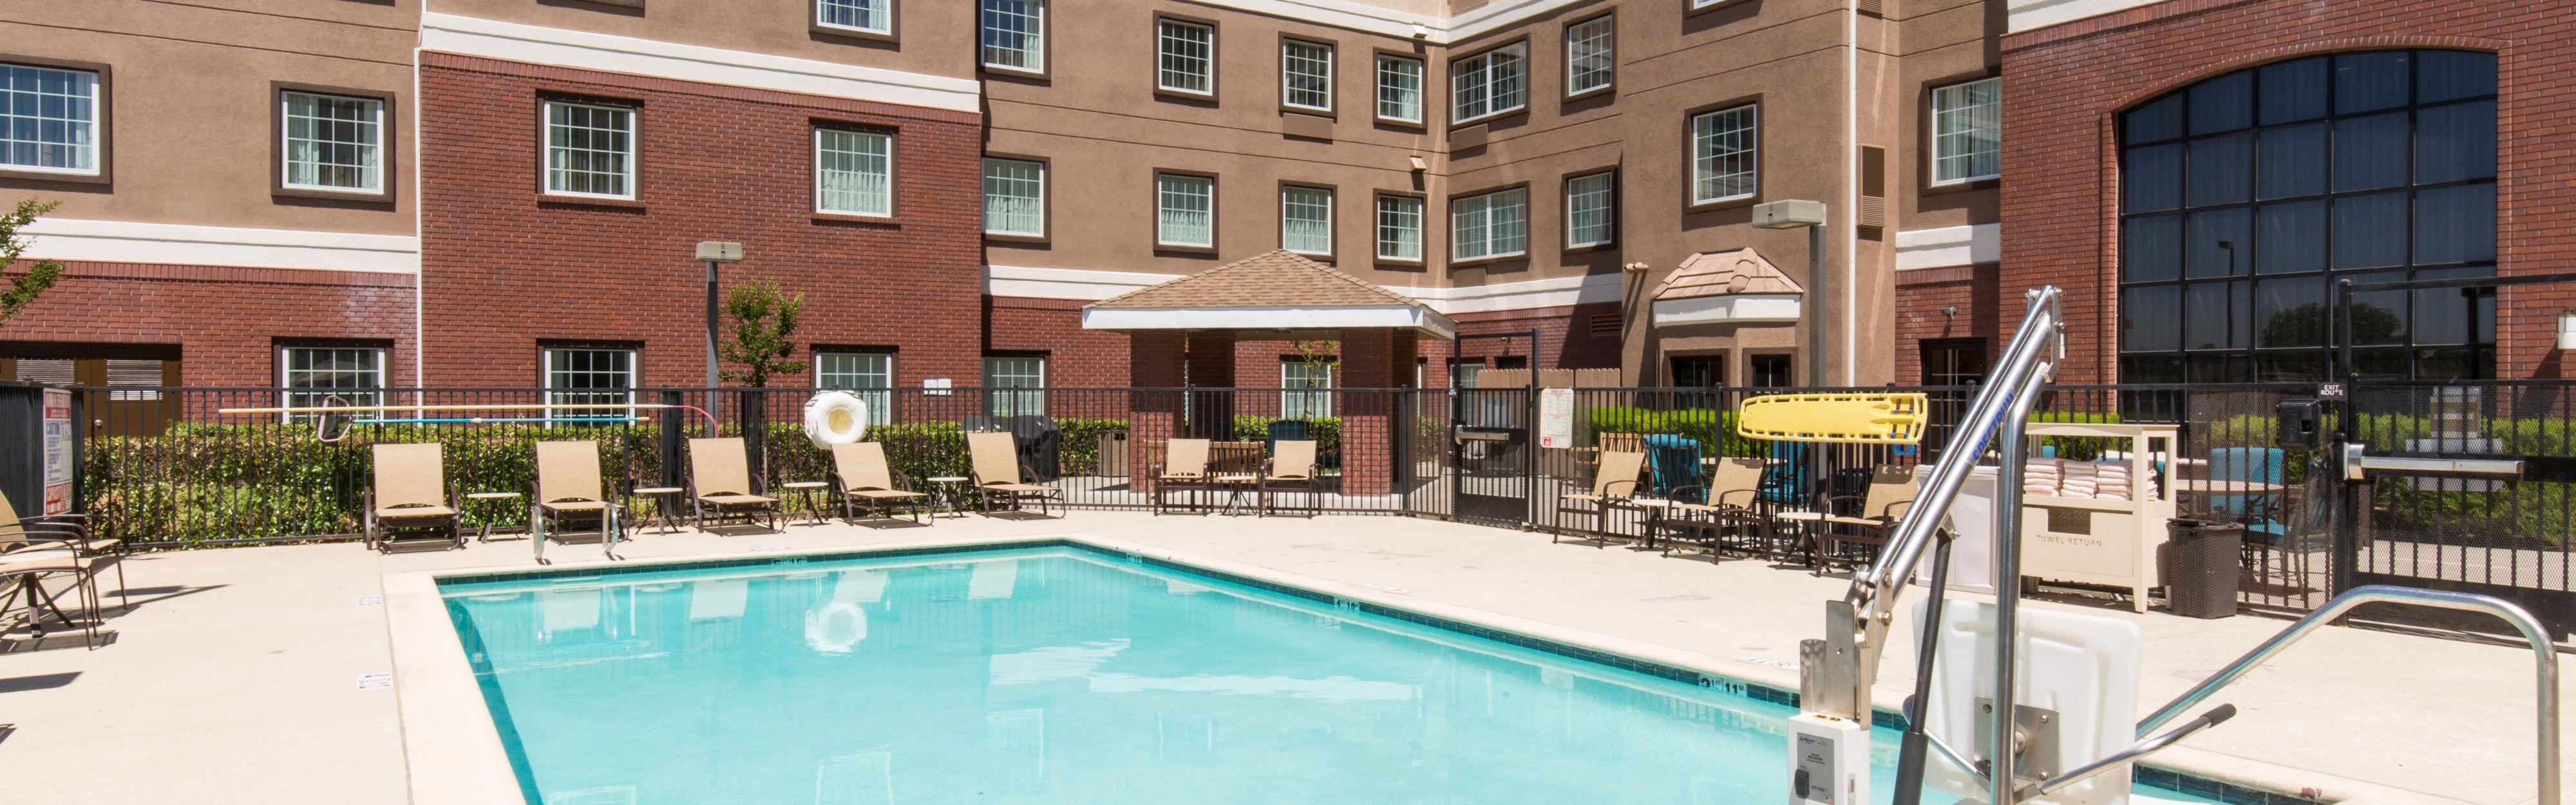 Best Hotels Near Sacramento Airport